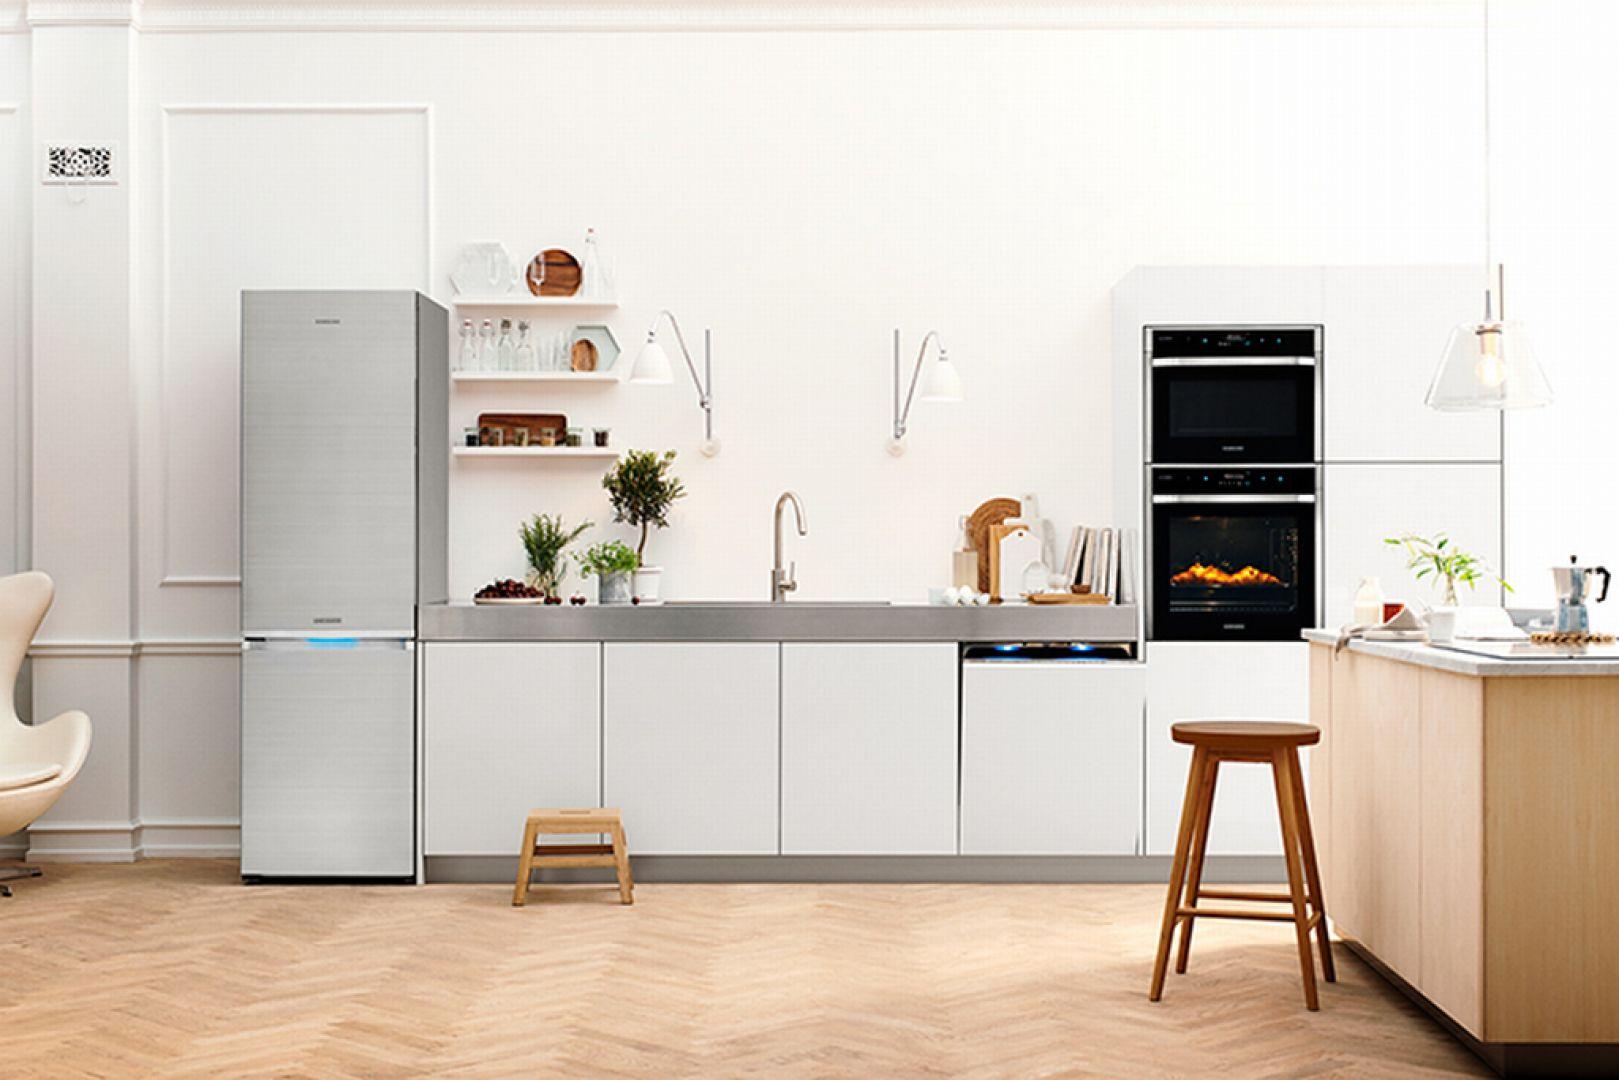 Ta prestiżowa linia została zaprojektowana we współpracy z grupą znanych na całym świecie kucharzy. Urządzenia zainspirowane technologiami używanymi w najlepszych restauracjach pozwolą amatorom kuchennych wrażeń rozwijać swoją pasję. Fot. Samsung